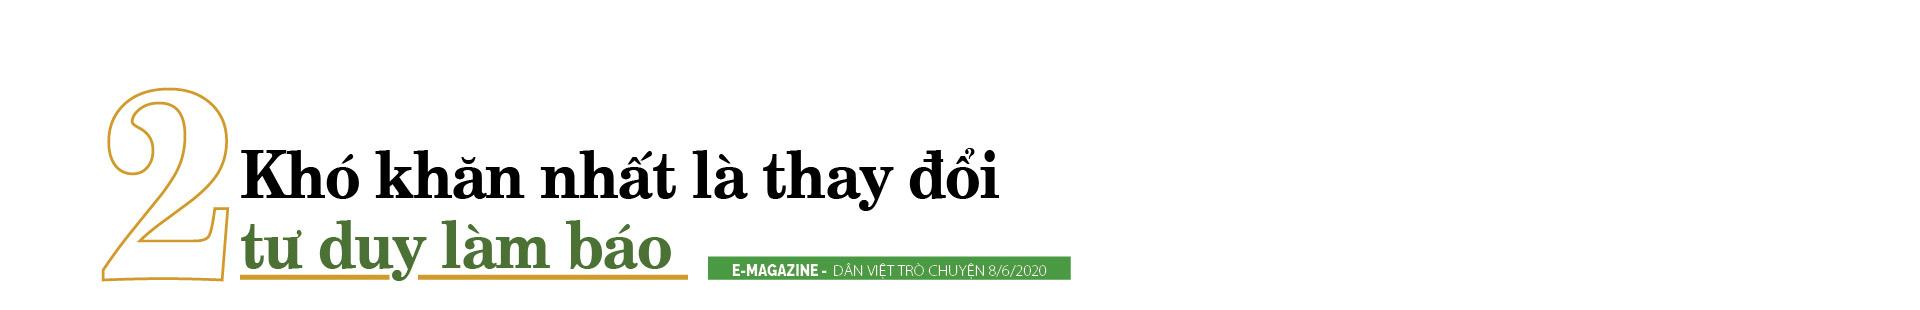 Nếu không có bản sắc, Dân Việt sẽ chỉ là con số 0 - Ảnh 7.